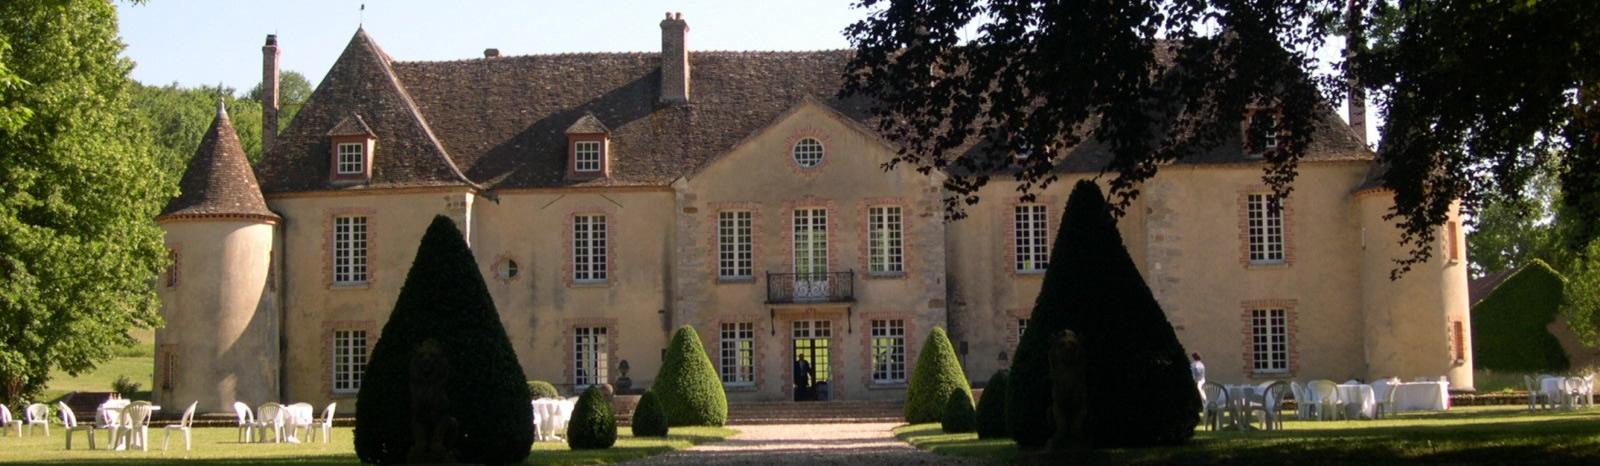 Château-Nailly-côté-parc